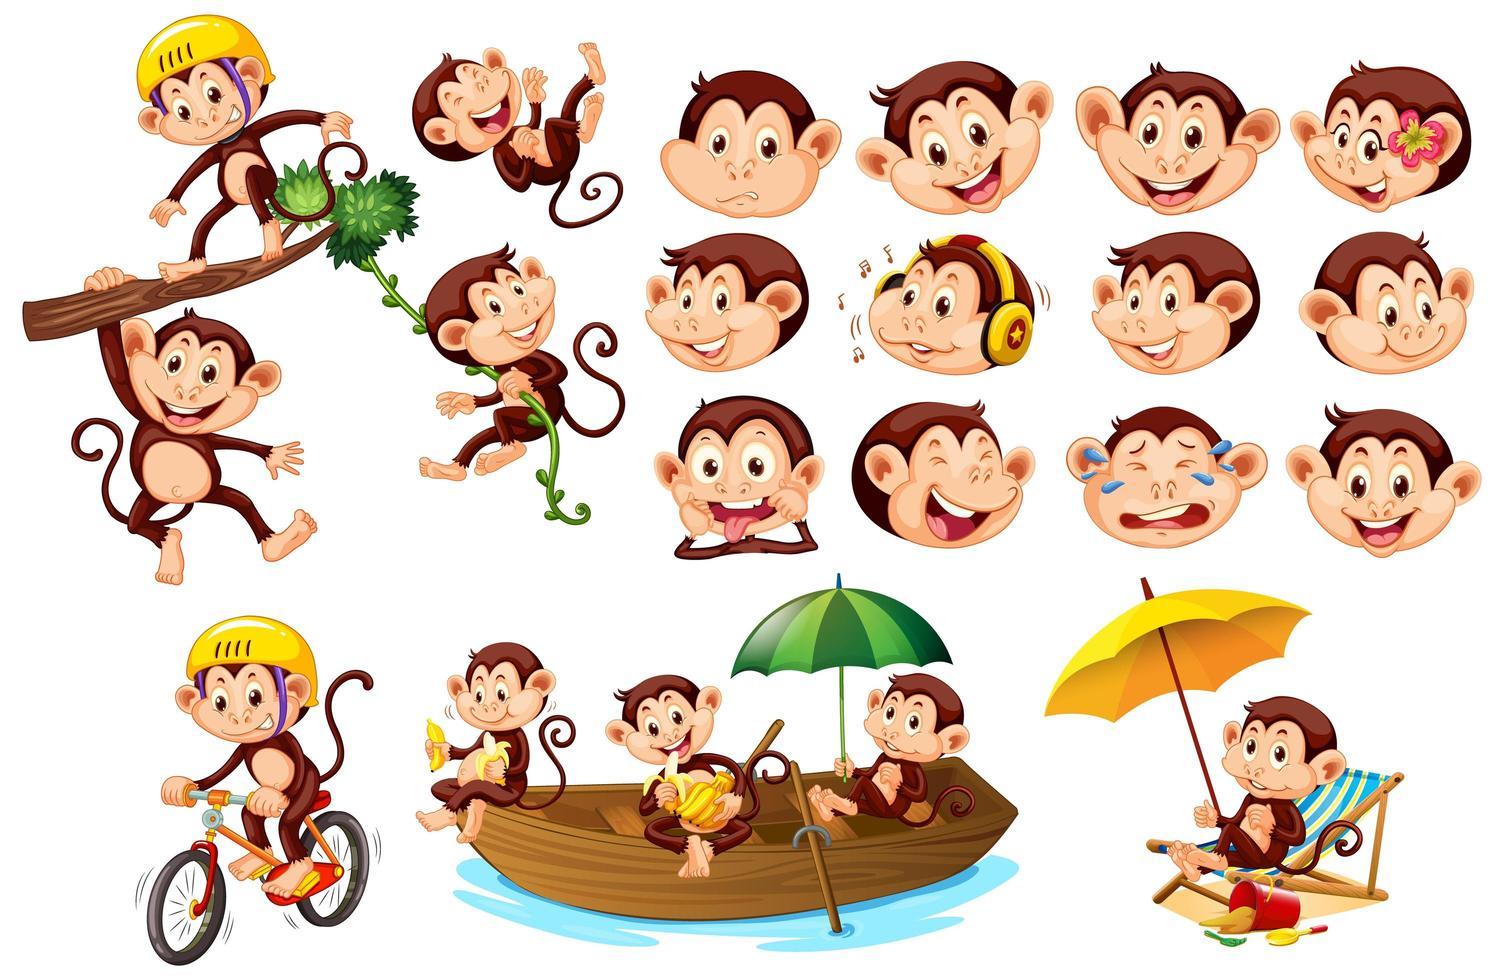 ensemble de singes mignons avec différentes expressions faciales vecteur